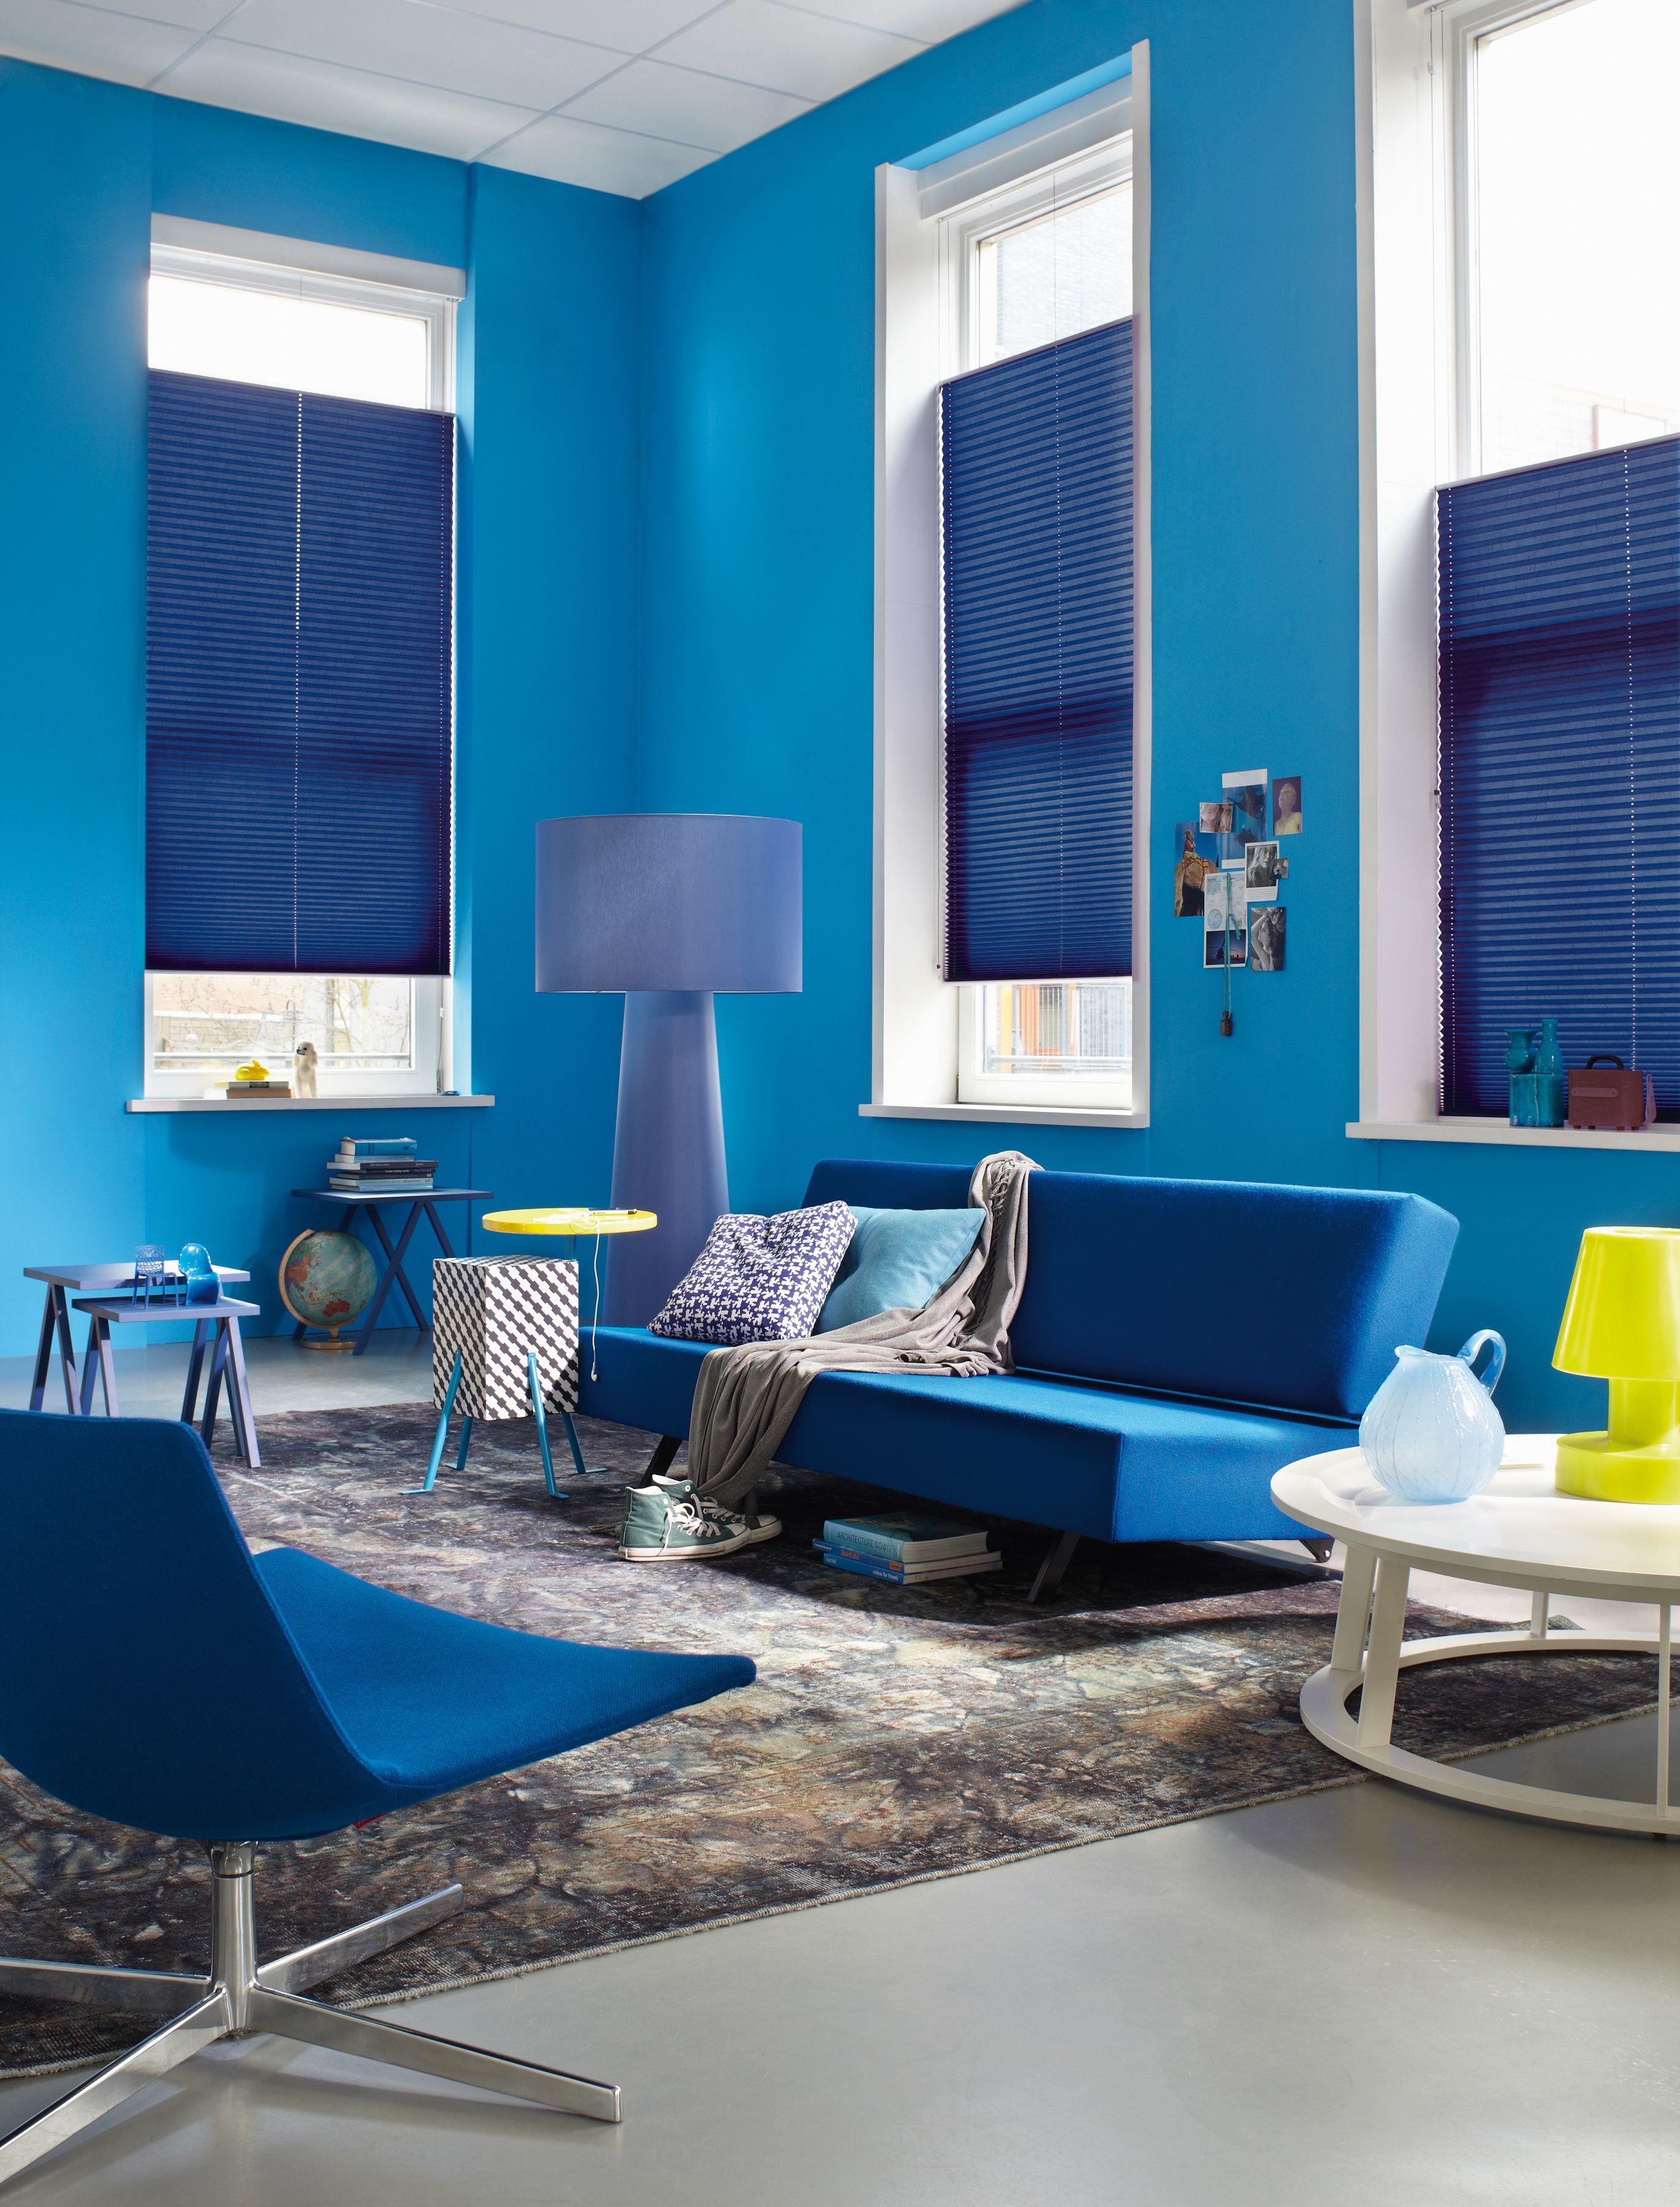 neue m glichkeiten bei der innenbeschattung rollos. Black Bedroom Furniture Sets. Home Design Ideas